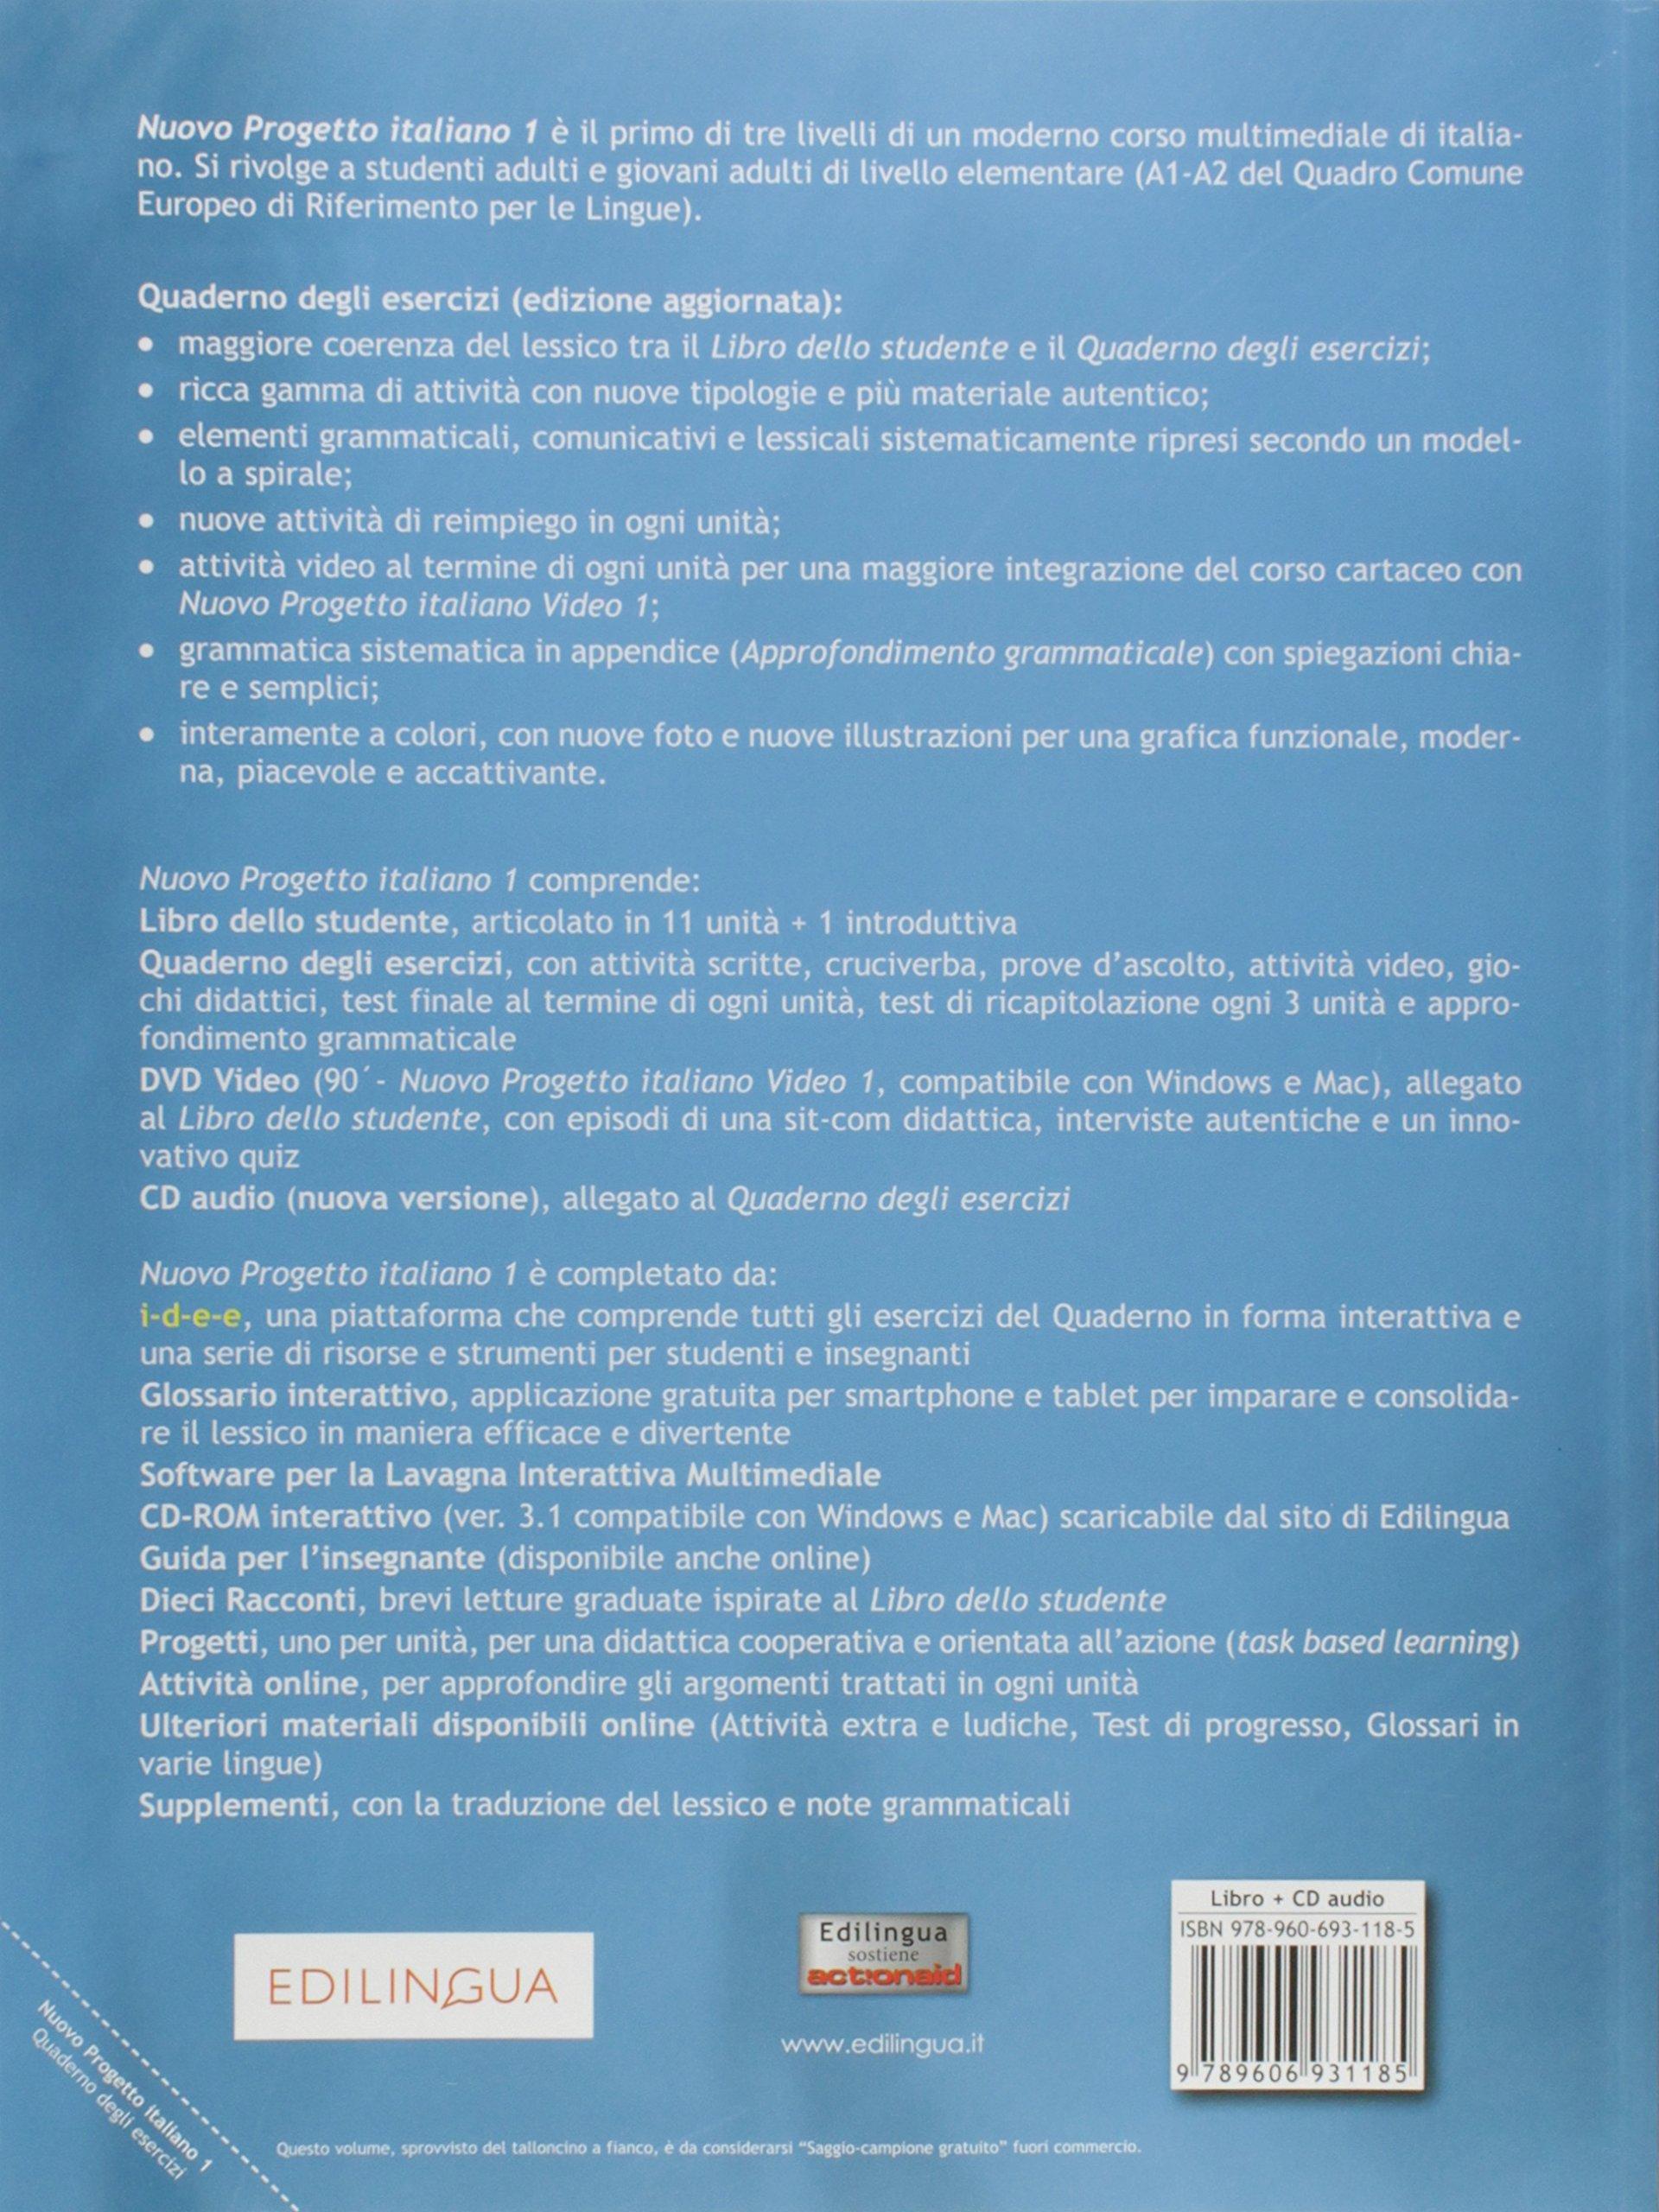 Progetto Italiano Pdf